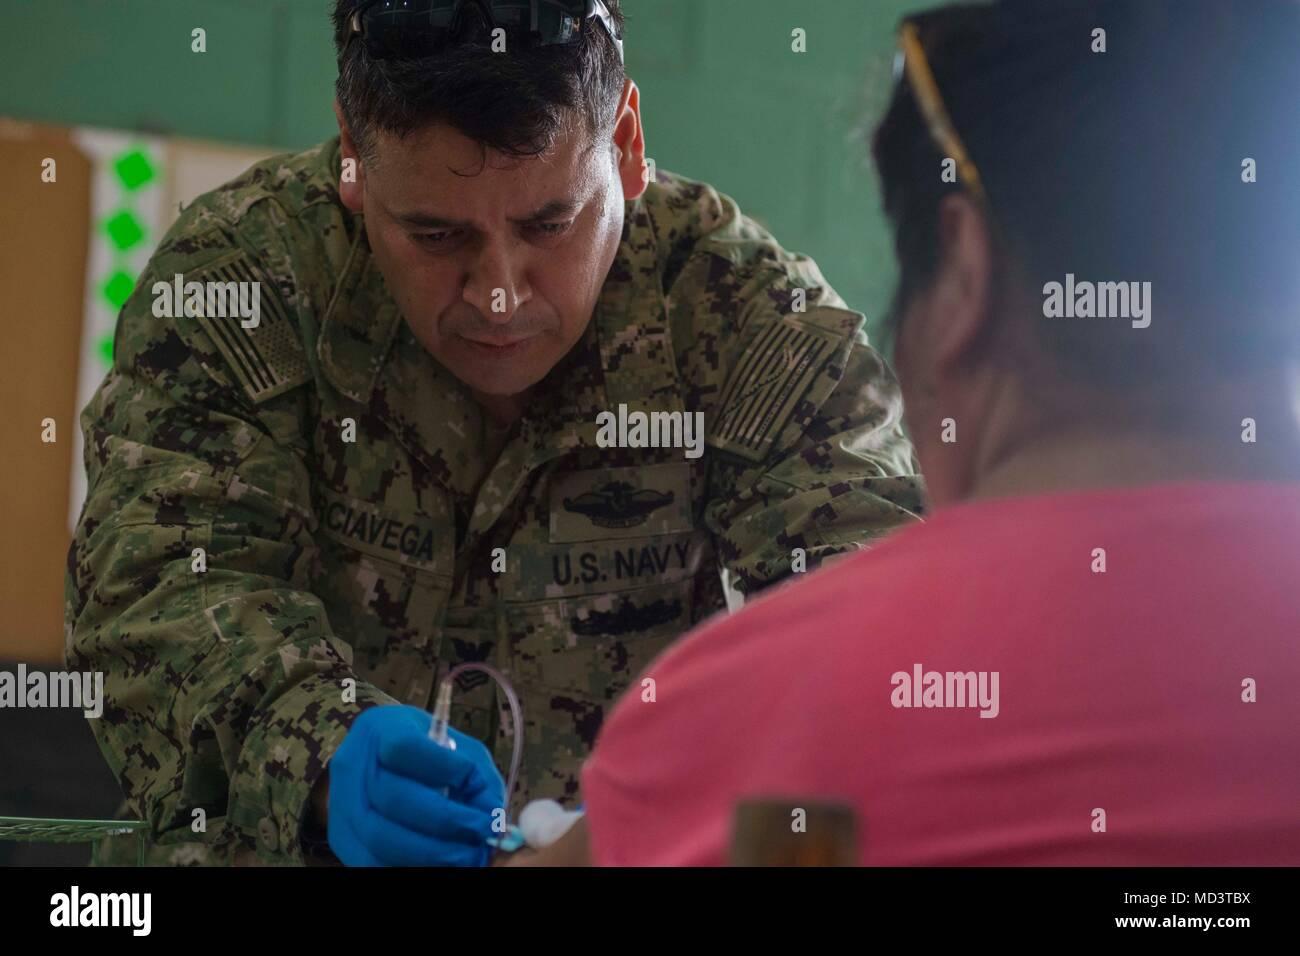 Gemütlich Militär Lebenslauf Schreiben Bilder - Entry Level Resume ...